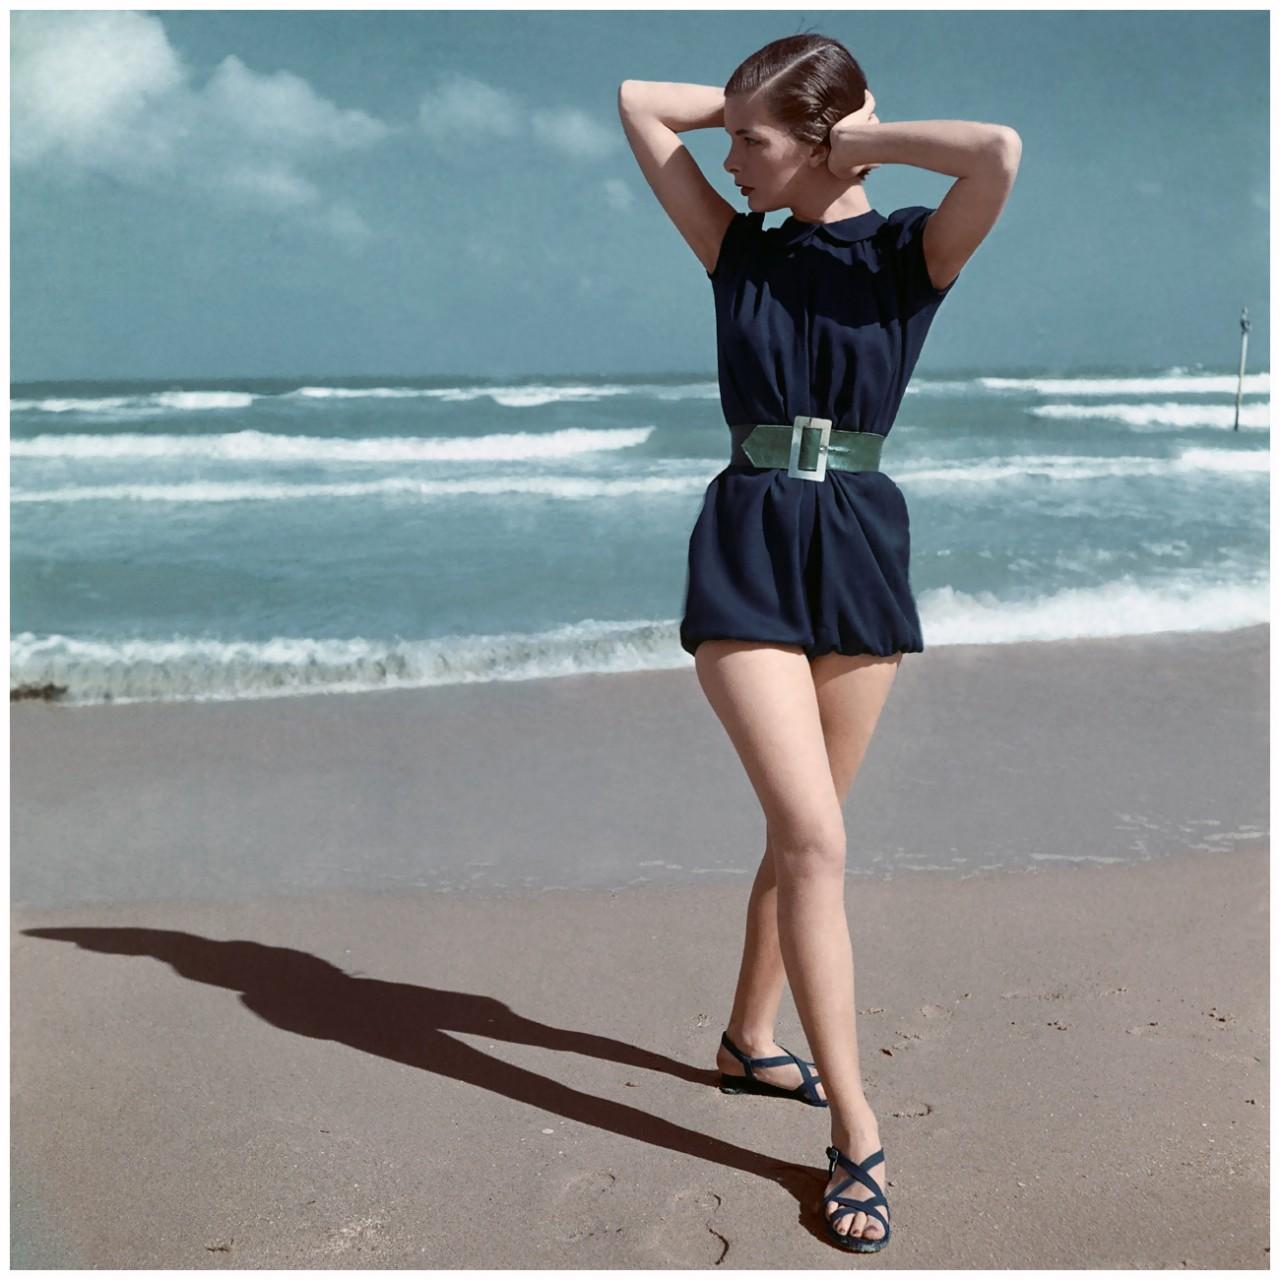 Мода 1940-х: лучшие снимки из журнала Vogue